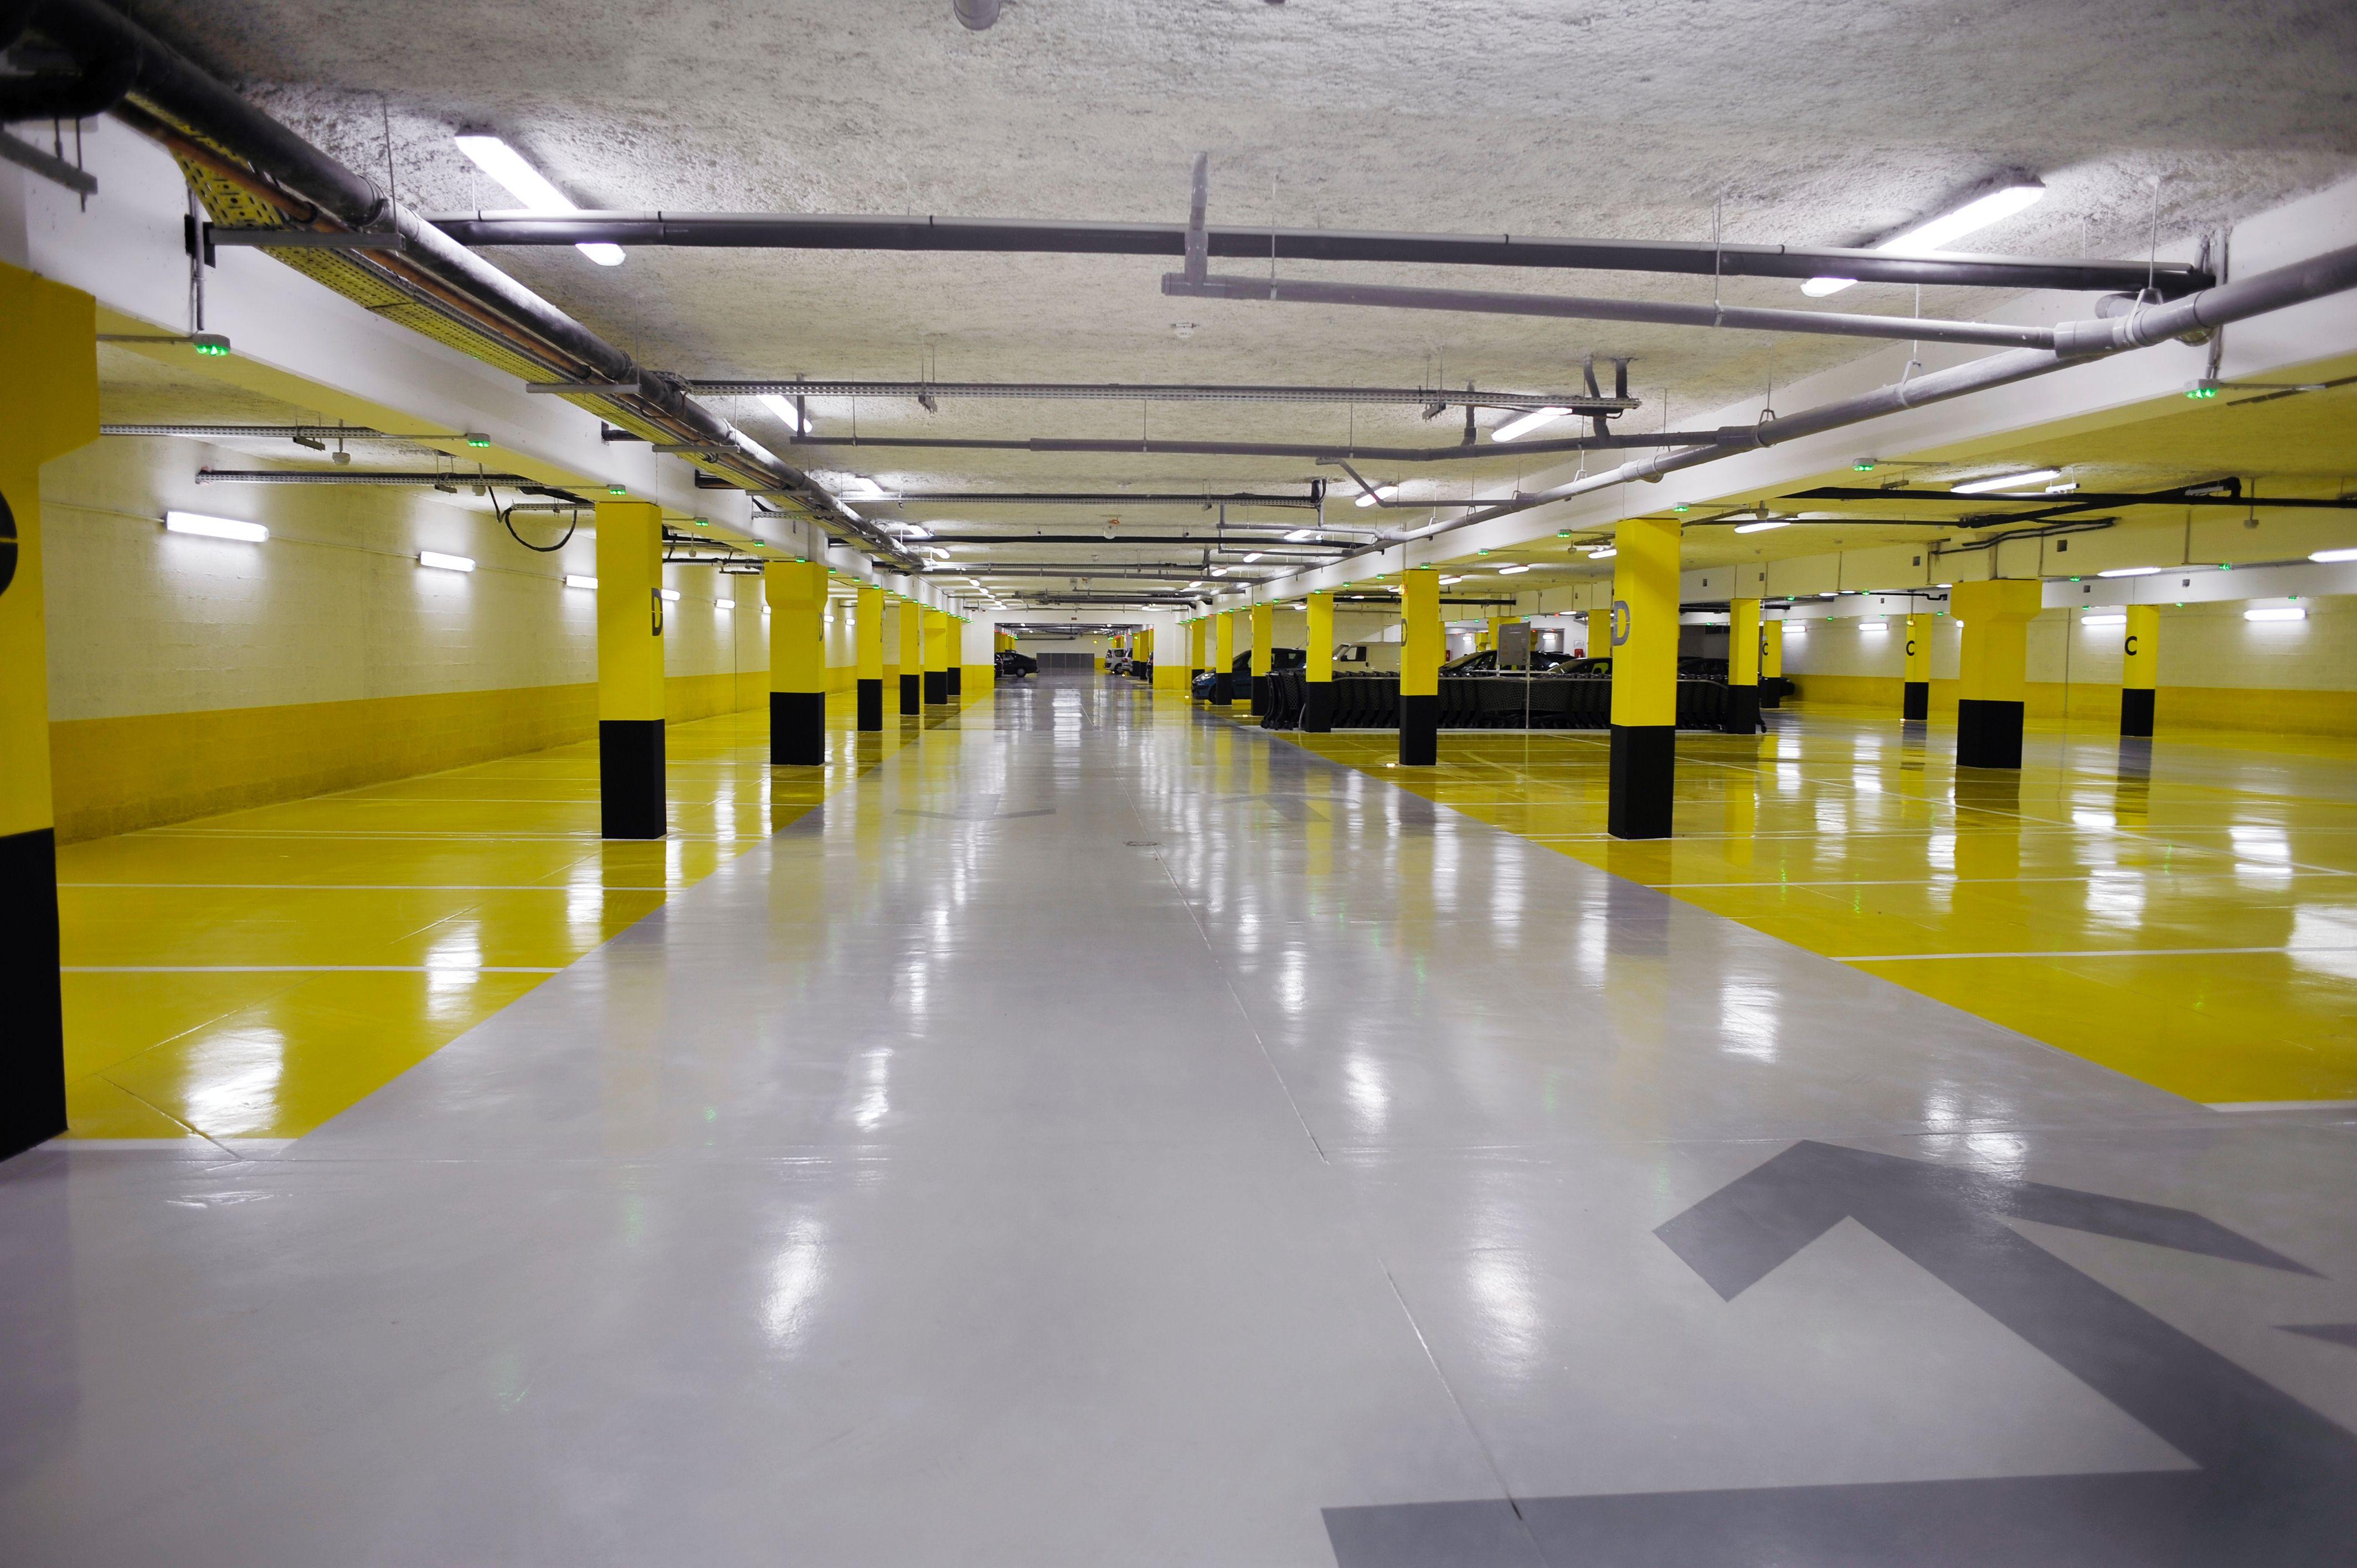 Limpieza de garajes: Limpiezas de Limpiezas Don Alexis